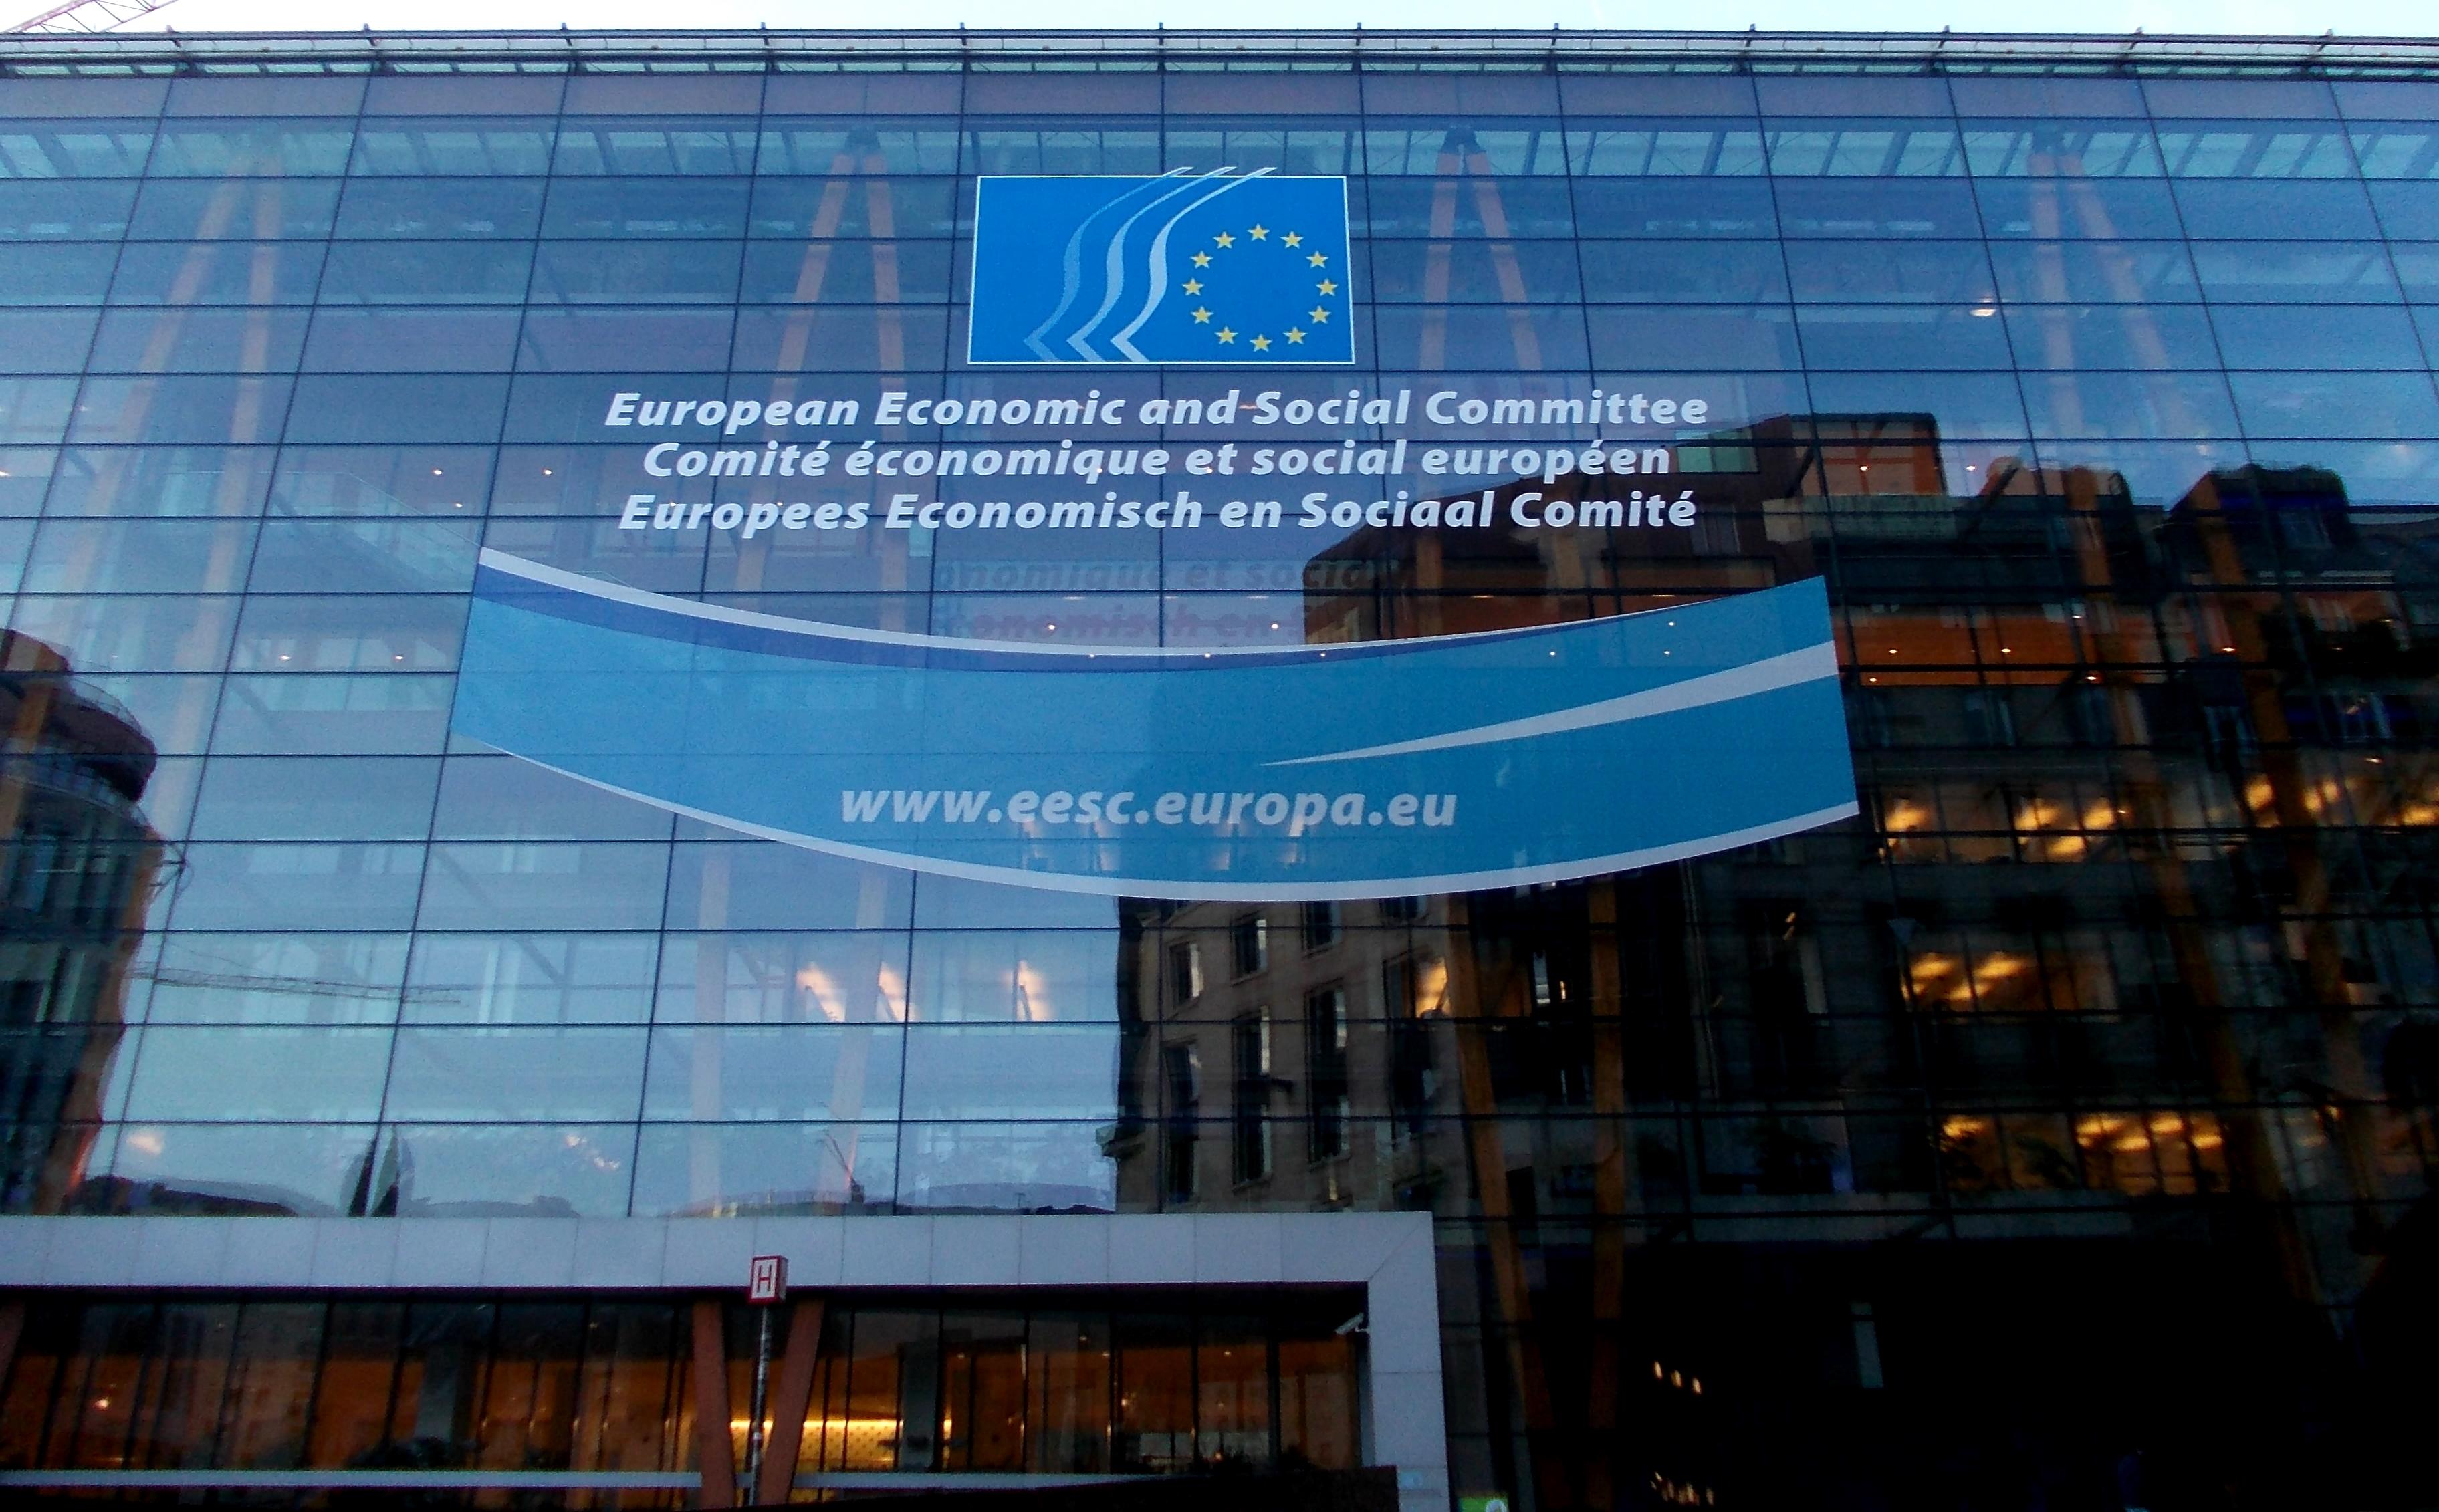 Европейская комиссия по вопросам образования трансляция украина словакия онлайн